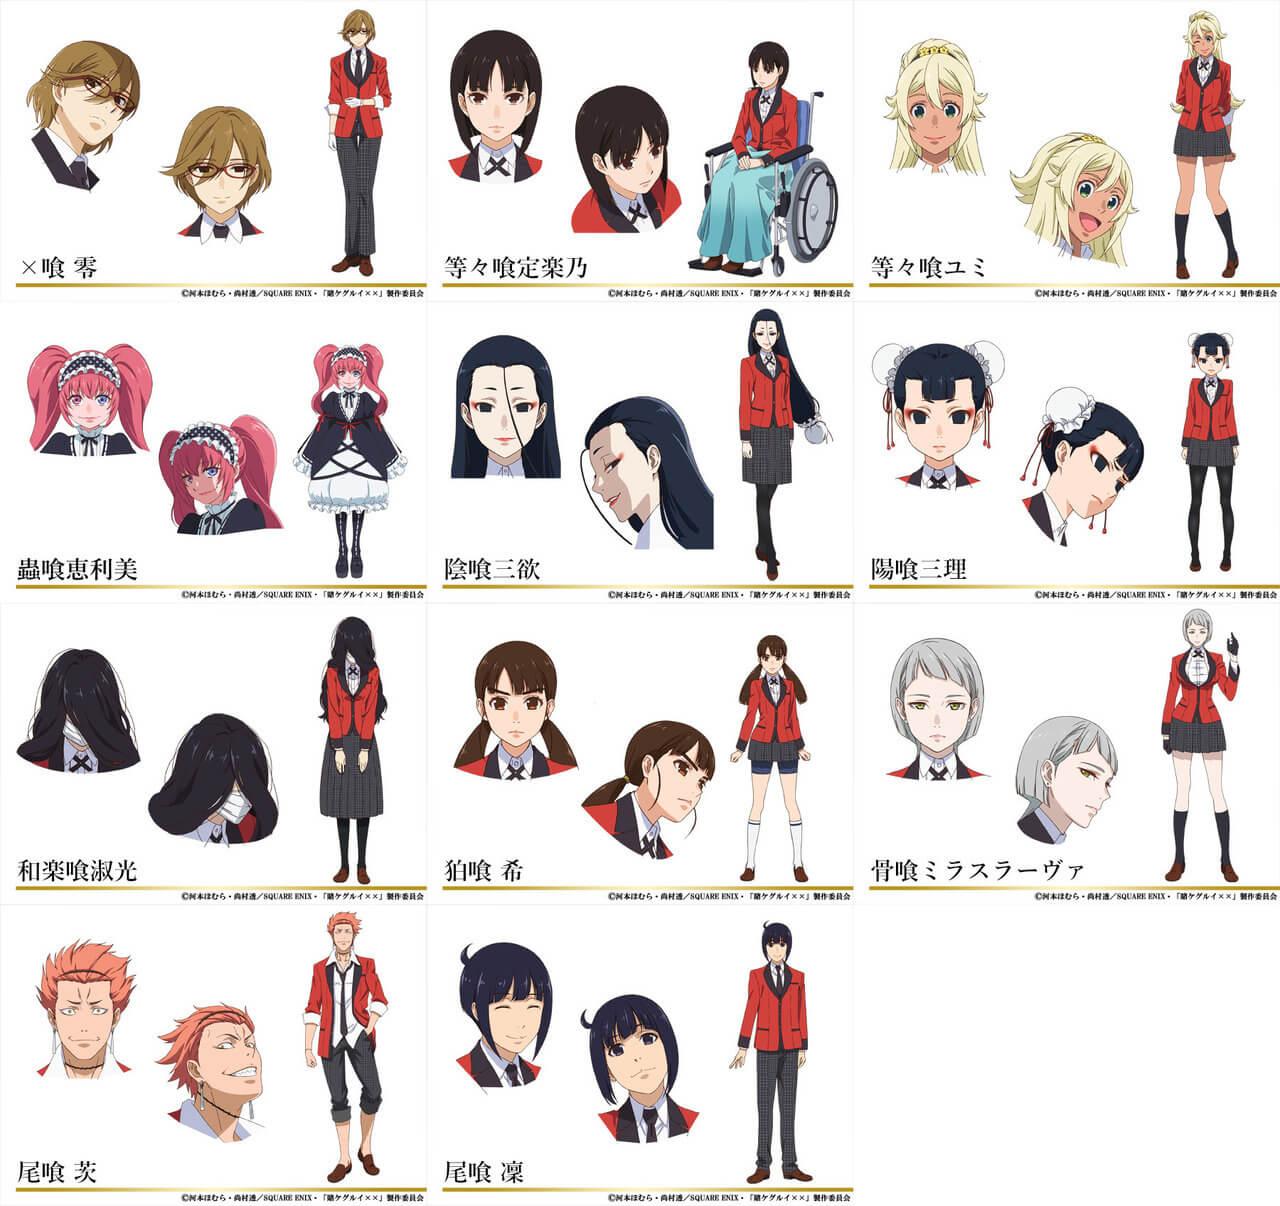 Kakegurui nueva imagen diseño personajes